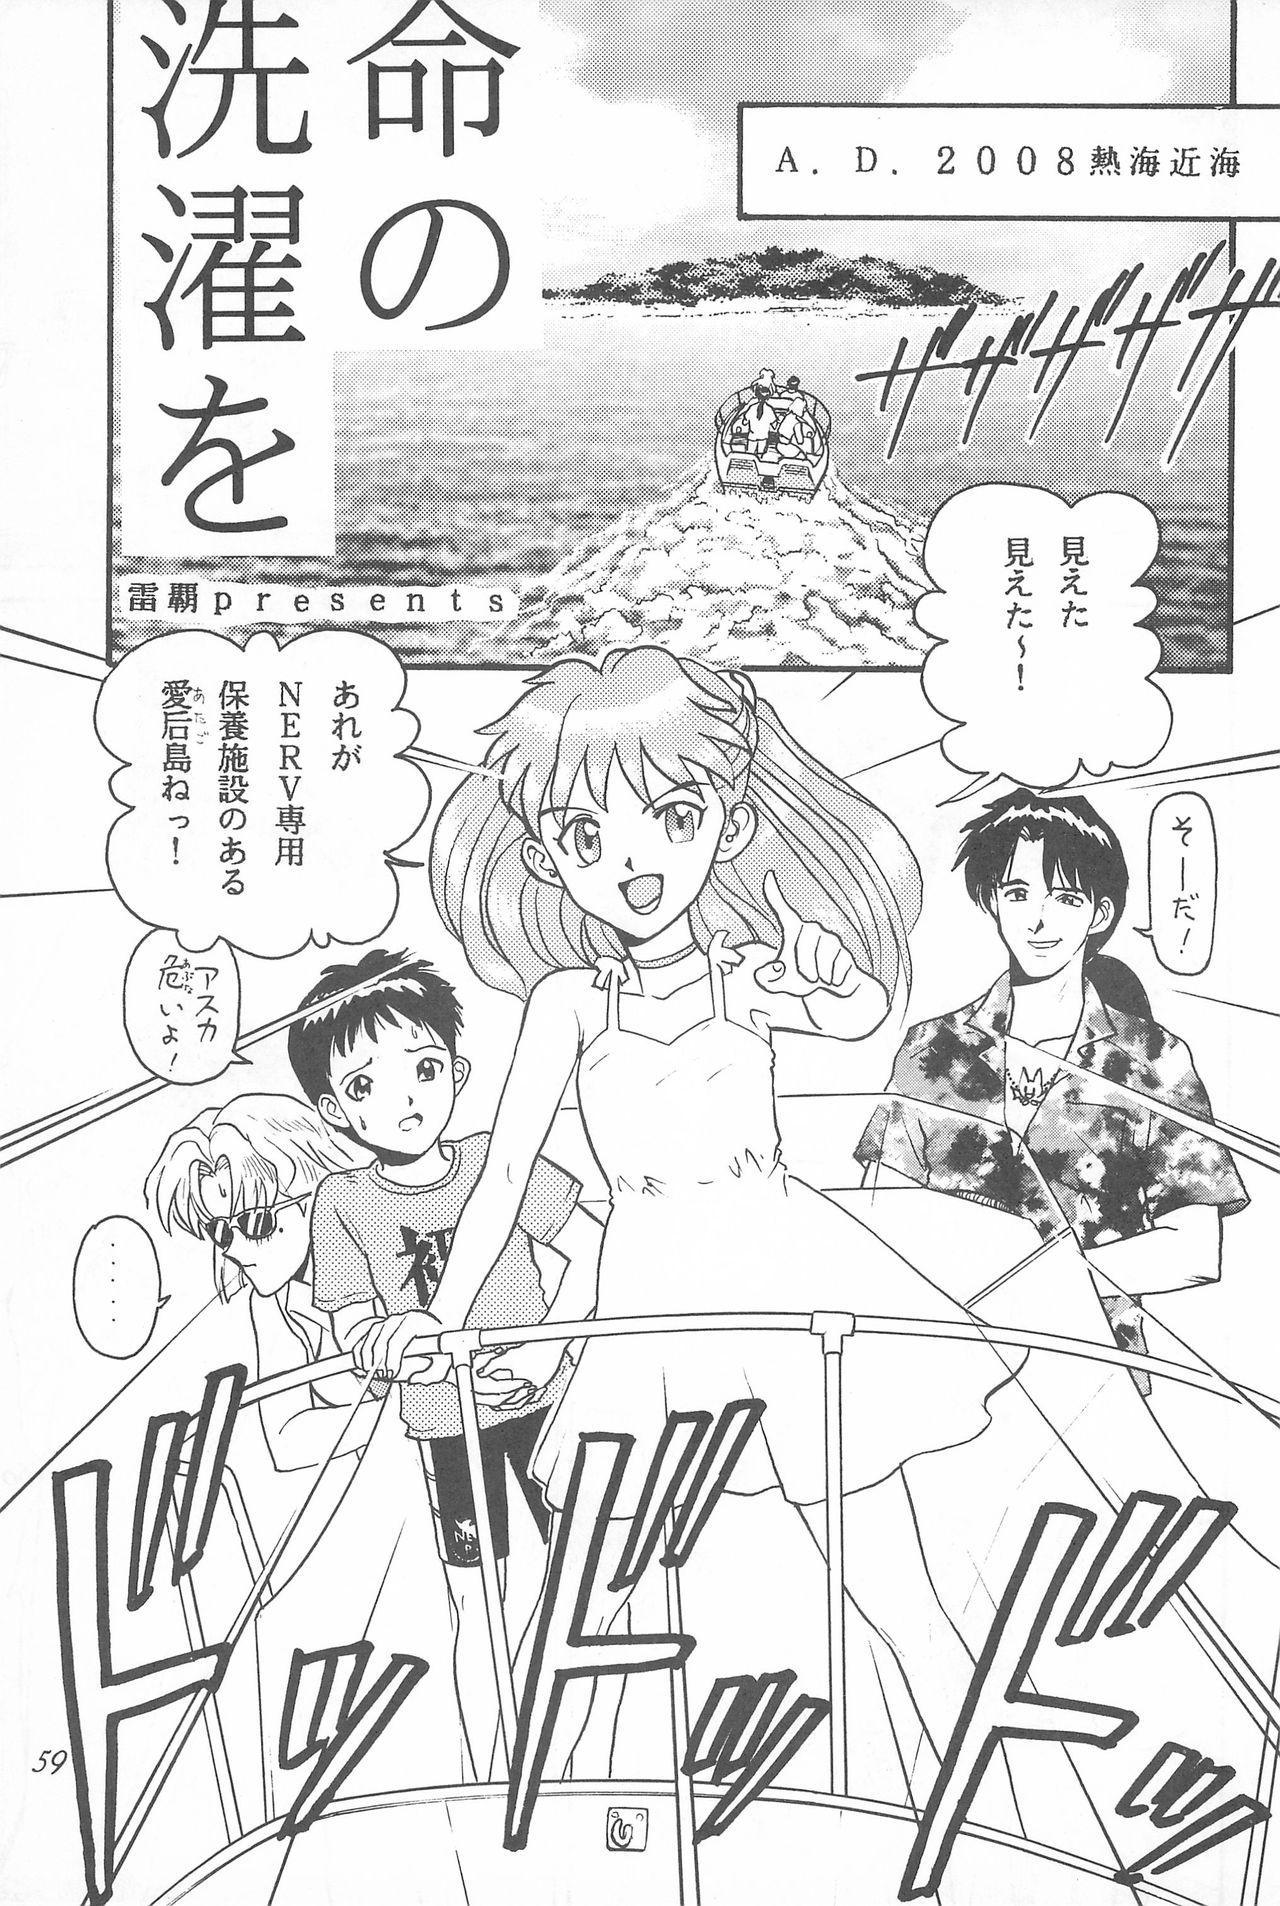 Youseiki Evanlolibon 58